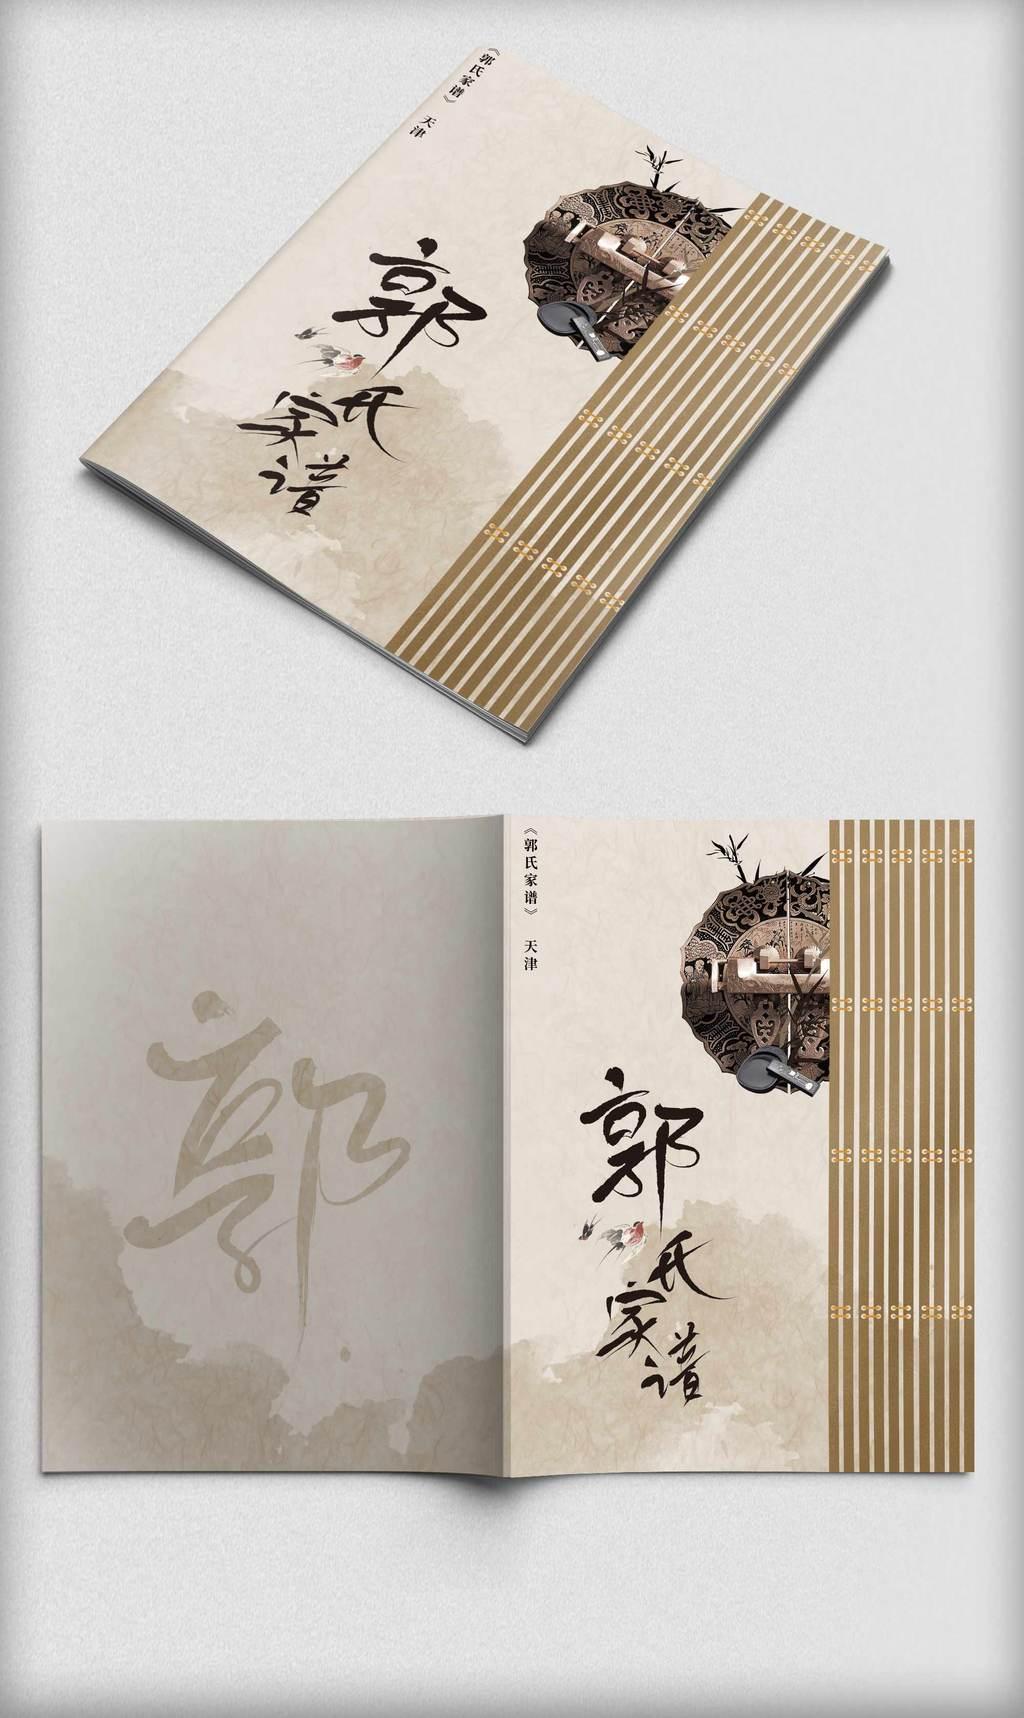 中国风族谱家谱画册封面设计图片素材 高清PSD分层模板下载 71.52